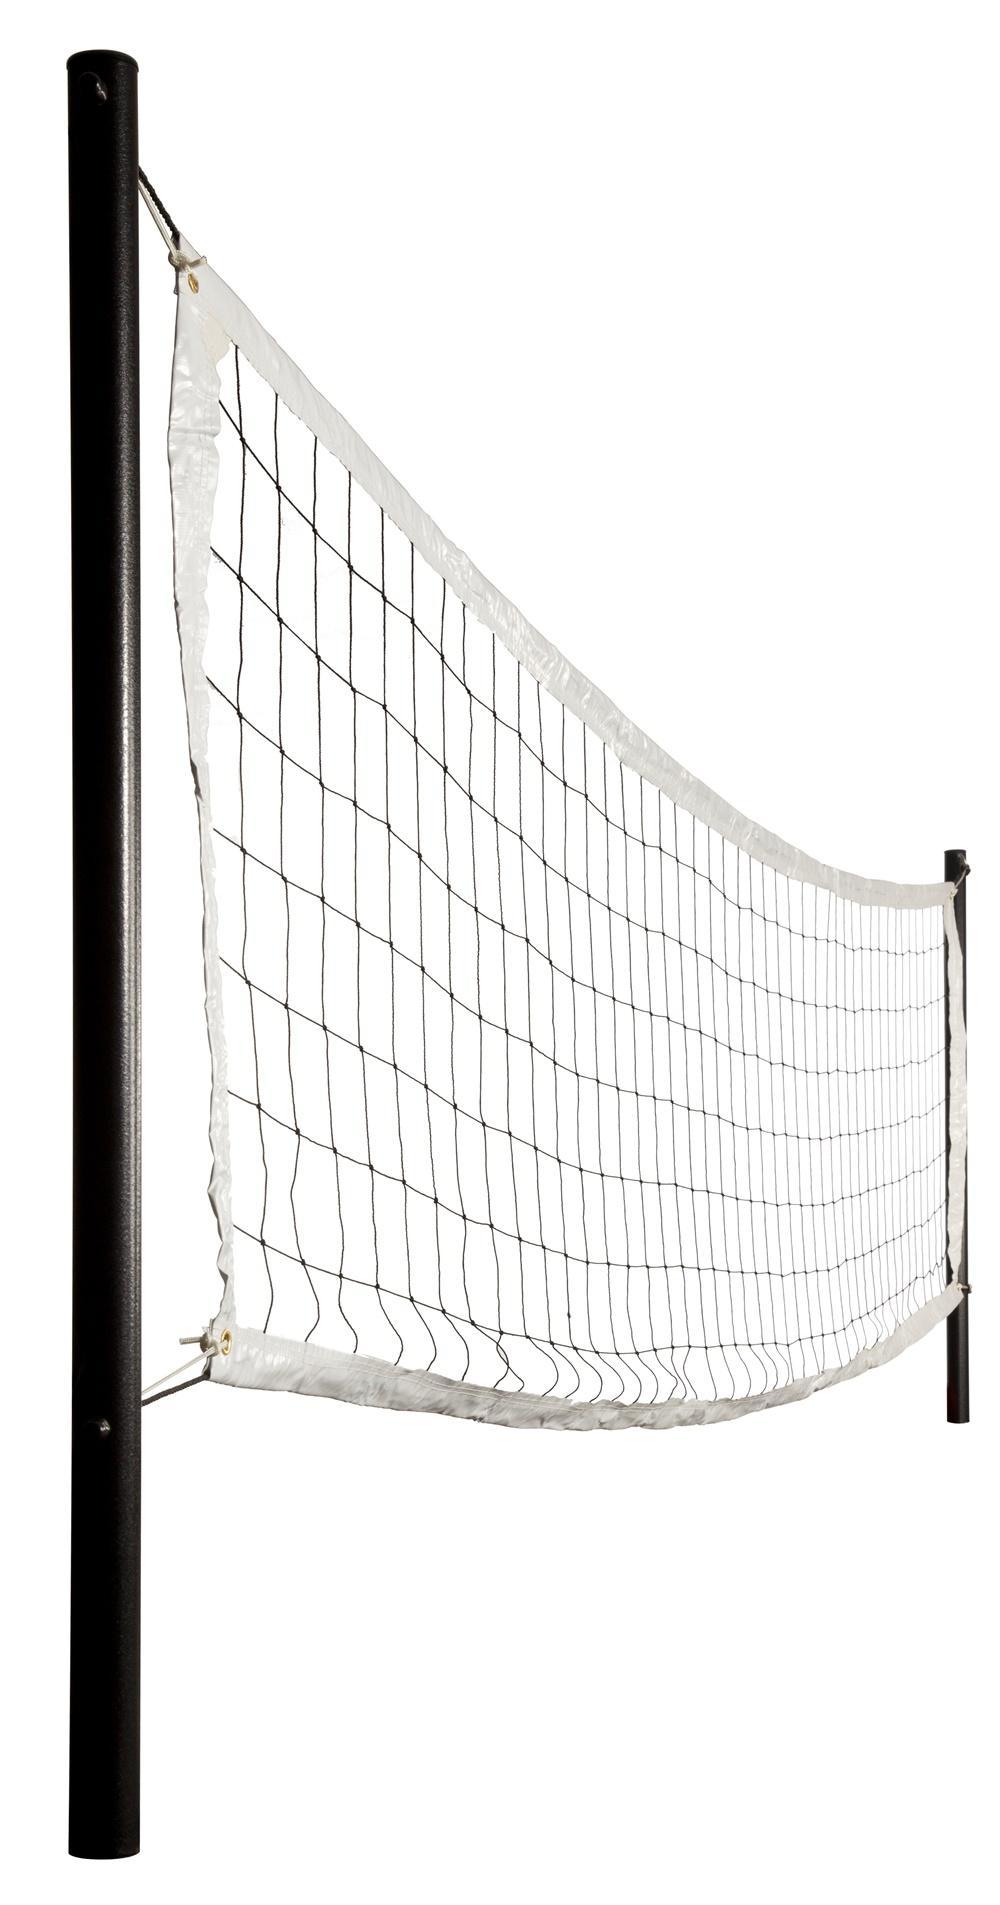 Bảng giá Lưới bóng chuyền dài 6m rộng 1m